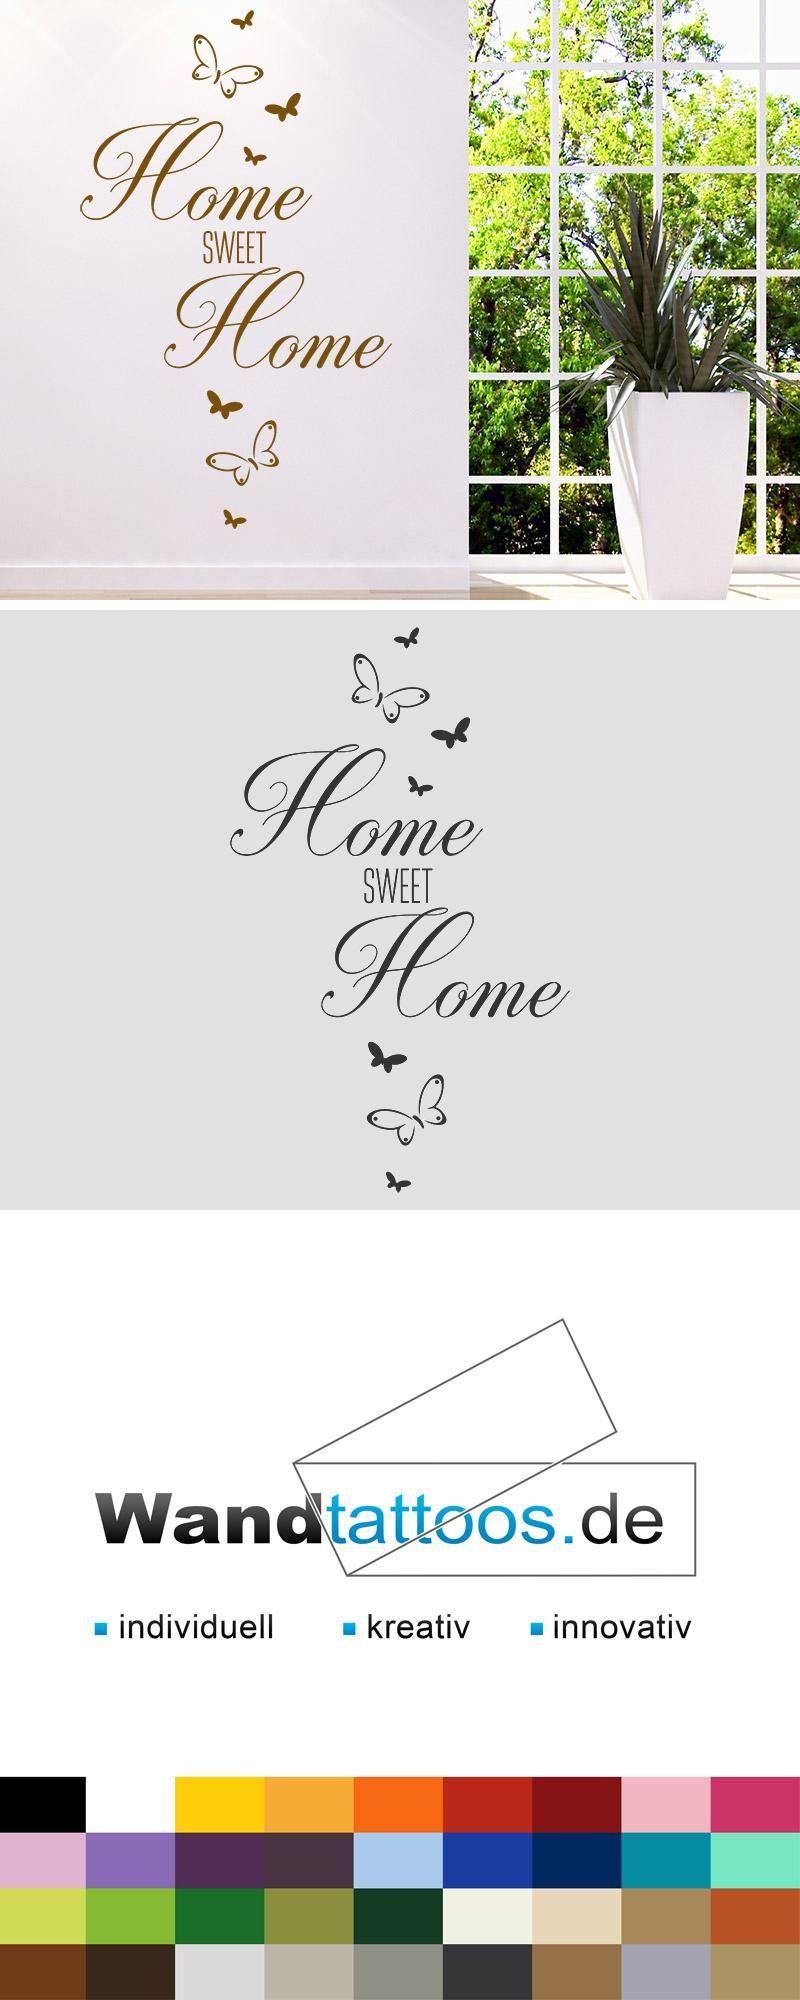 Ansprechend Wandtattoo Home Sweet Home Dekoration Von Mit Schmetterlingen Als Idee Zur Individuellen Wandgestaltung.